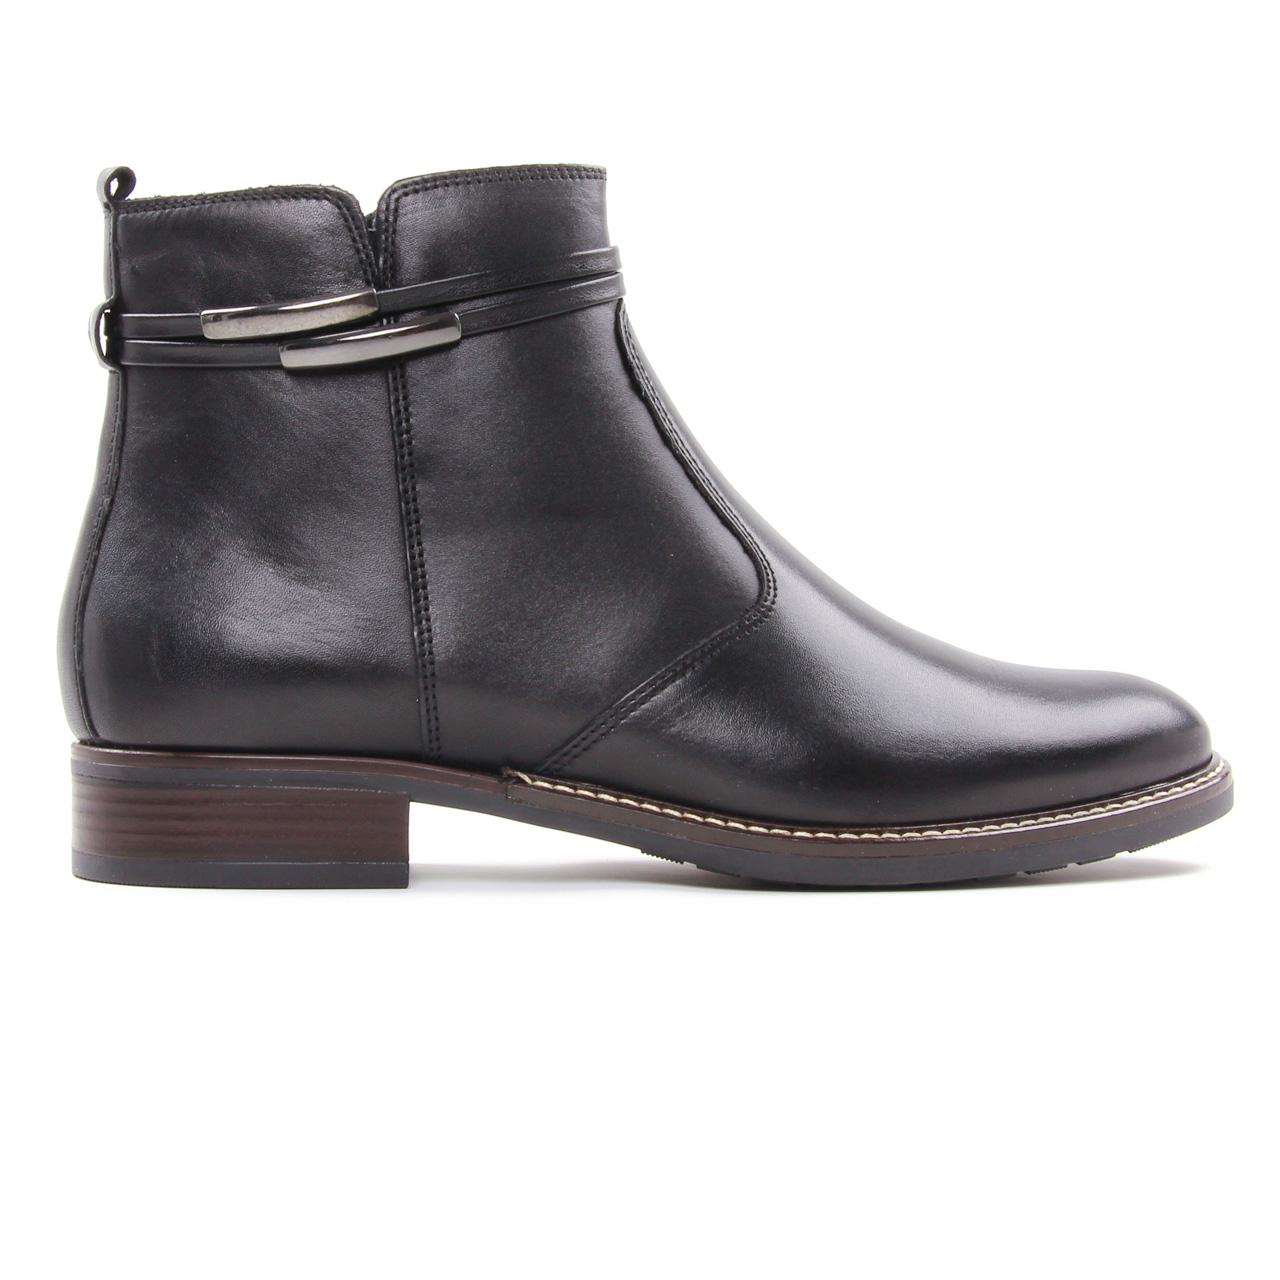 f92e1e38c98cce Tamaris 25008 Black | boots noir automne hiver chez TROIS PAR 3